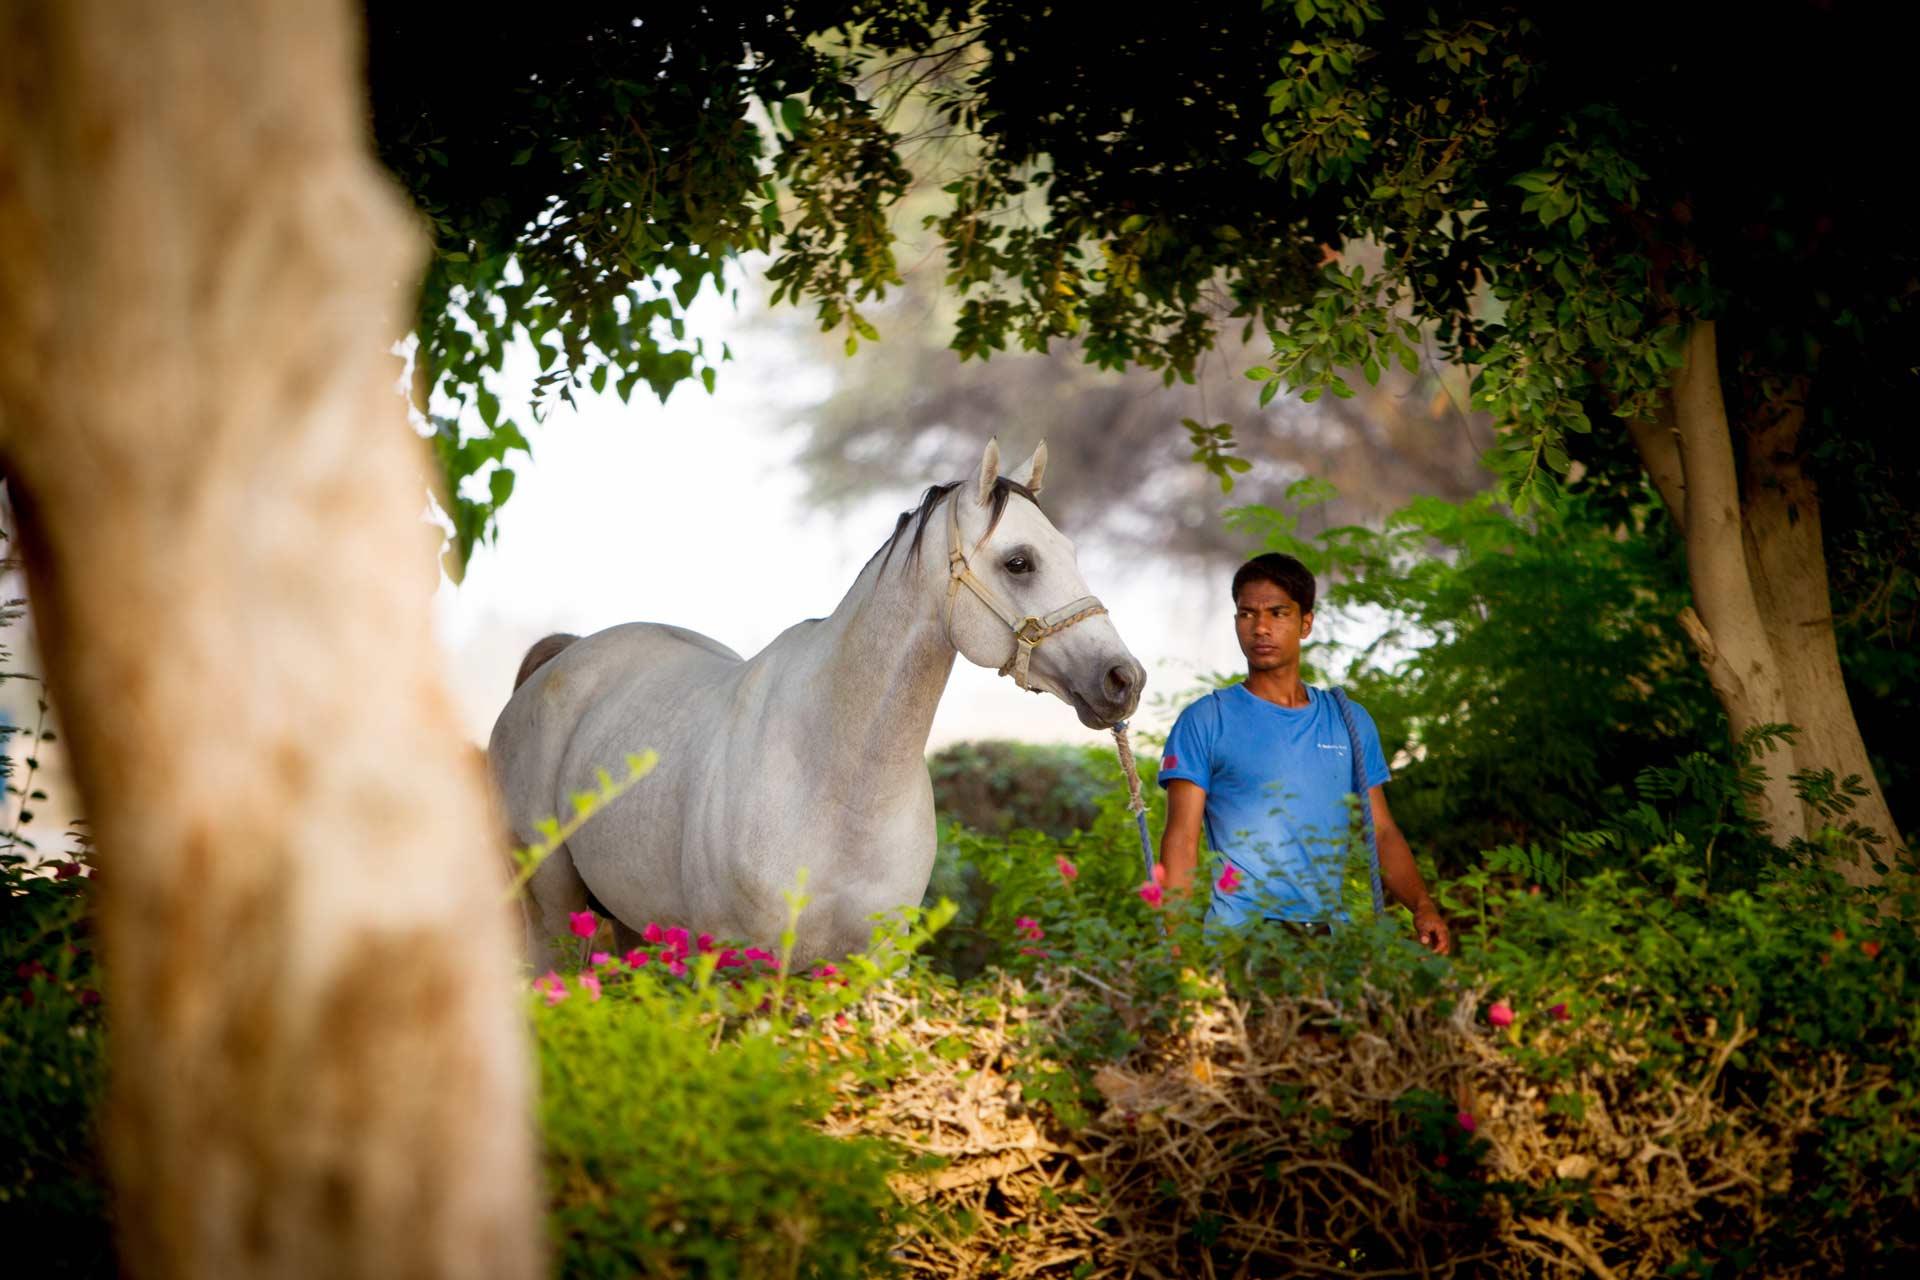 qatar-farm-al-shahania-stud1